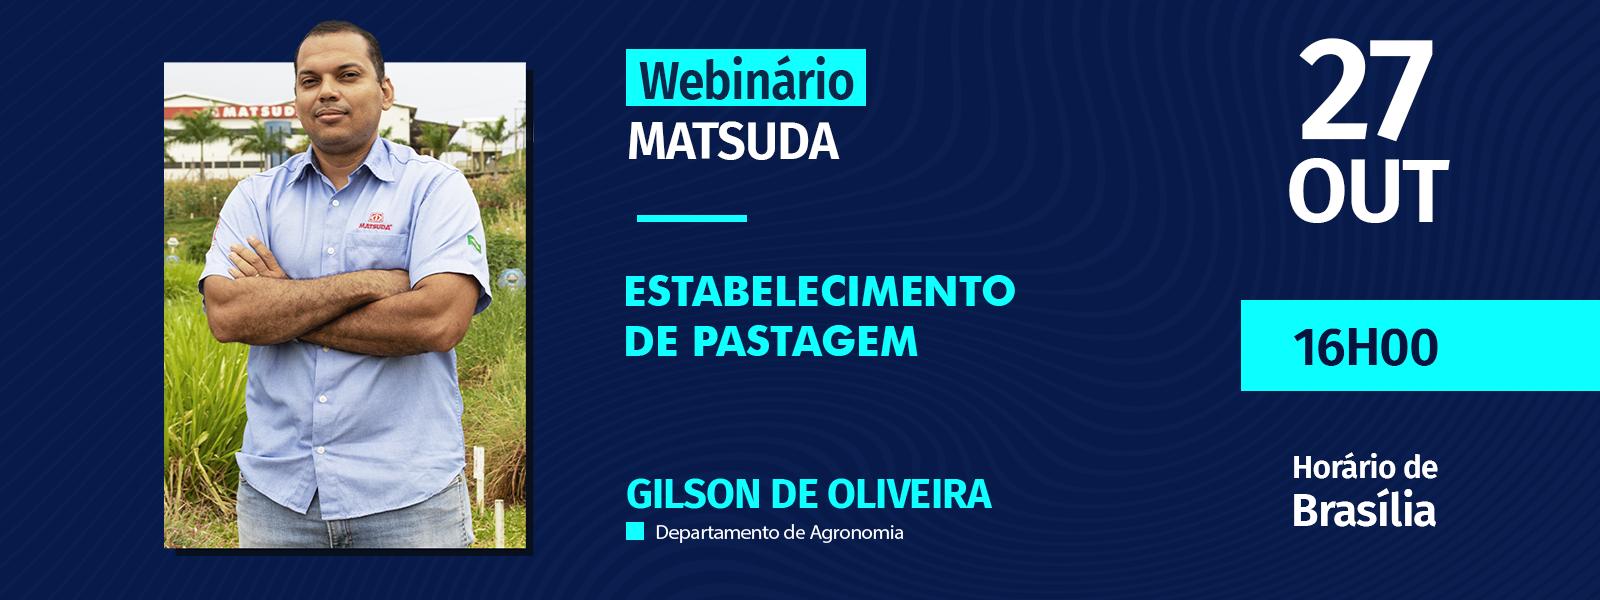 Webinário Estabelecimento de pastagem l Gilson de Oliveira